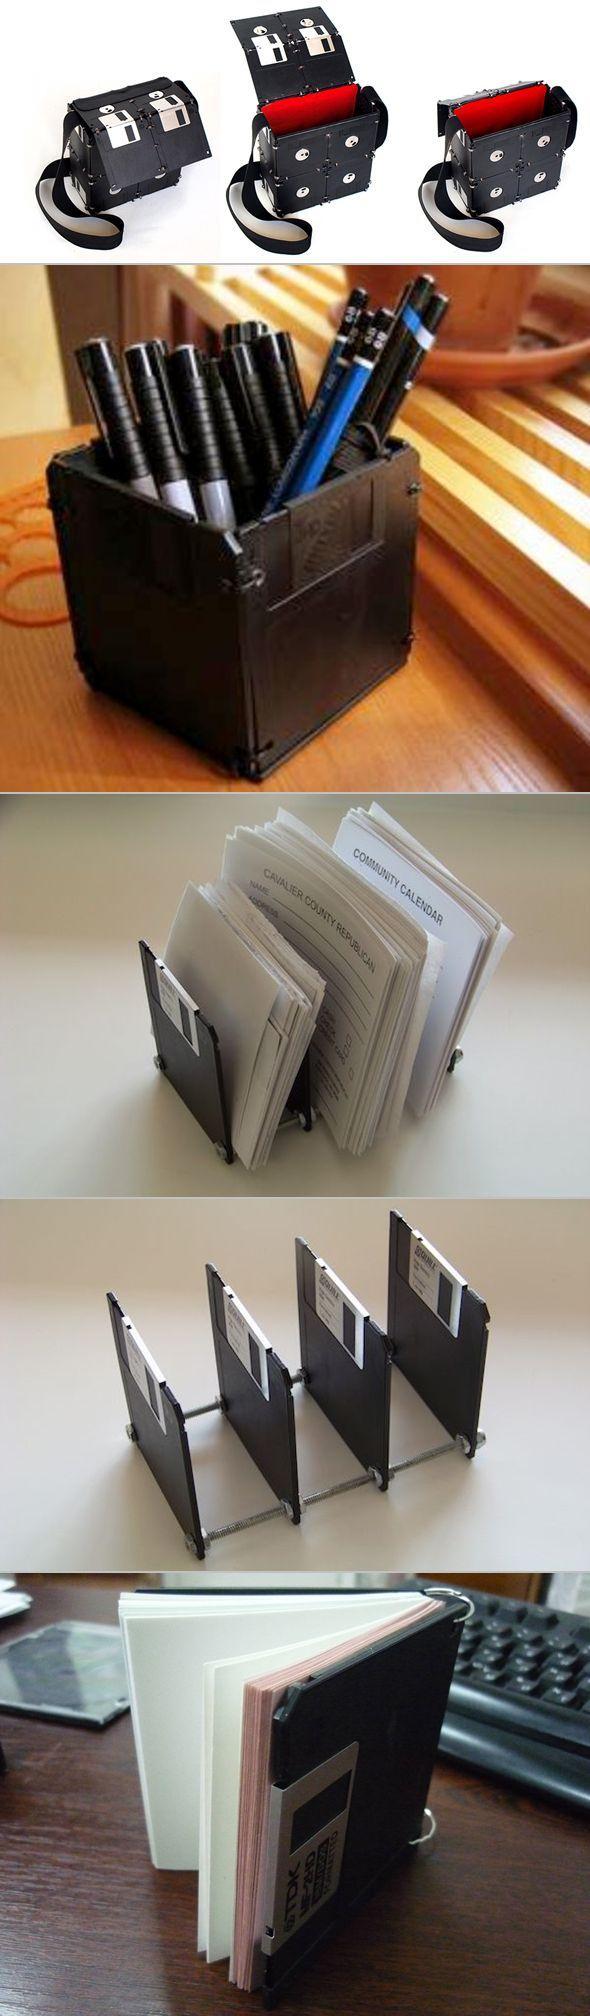 disket-kalemlik-disket-defter-Floppy-bag